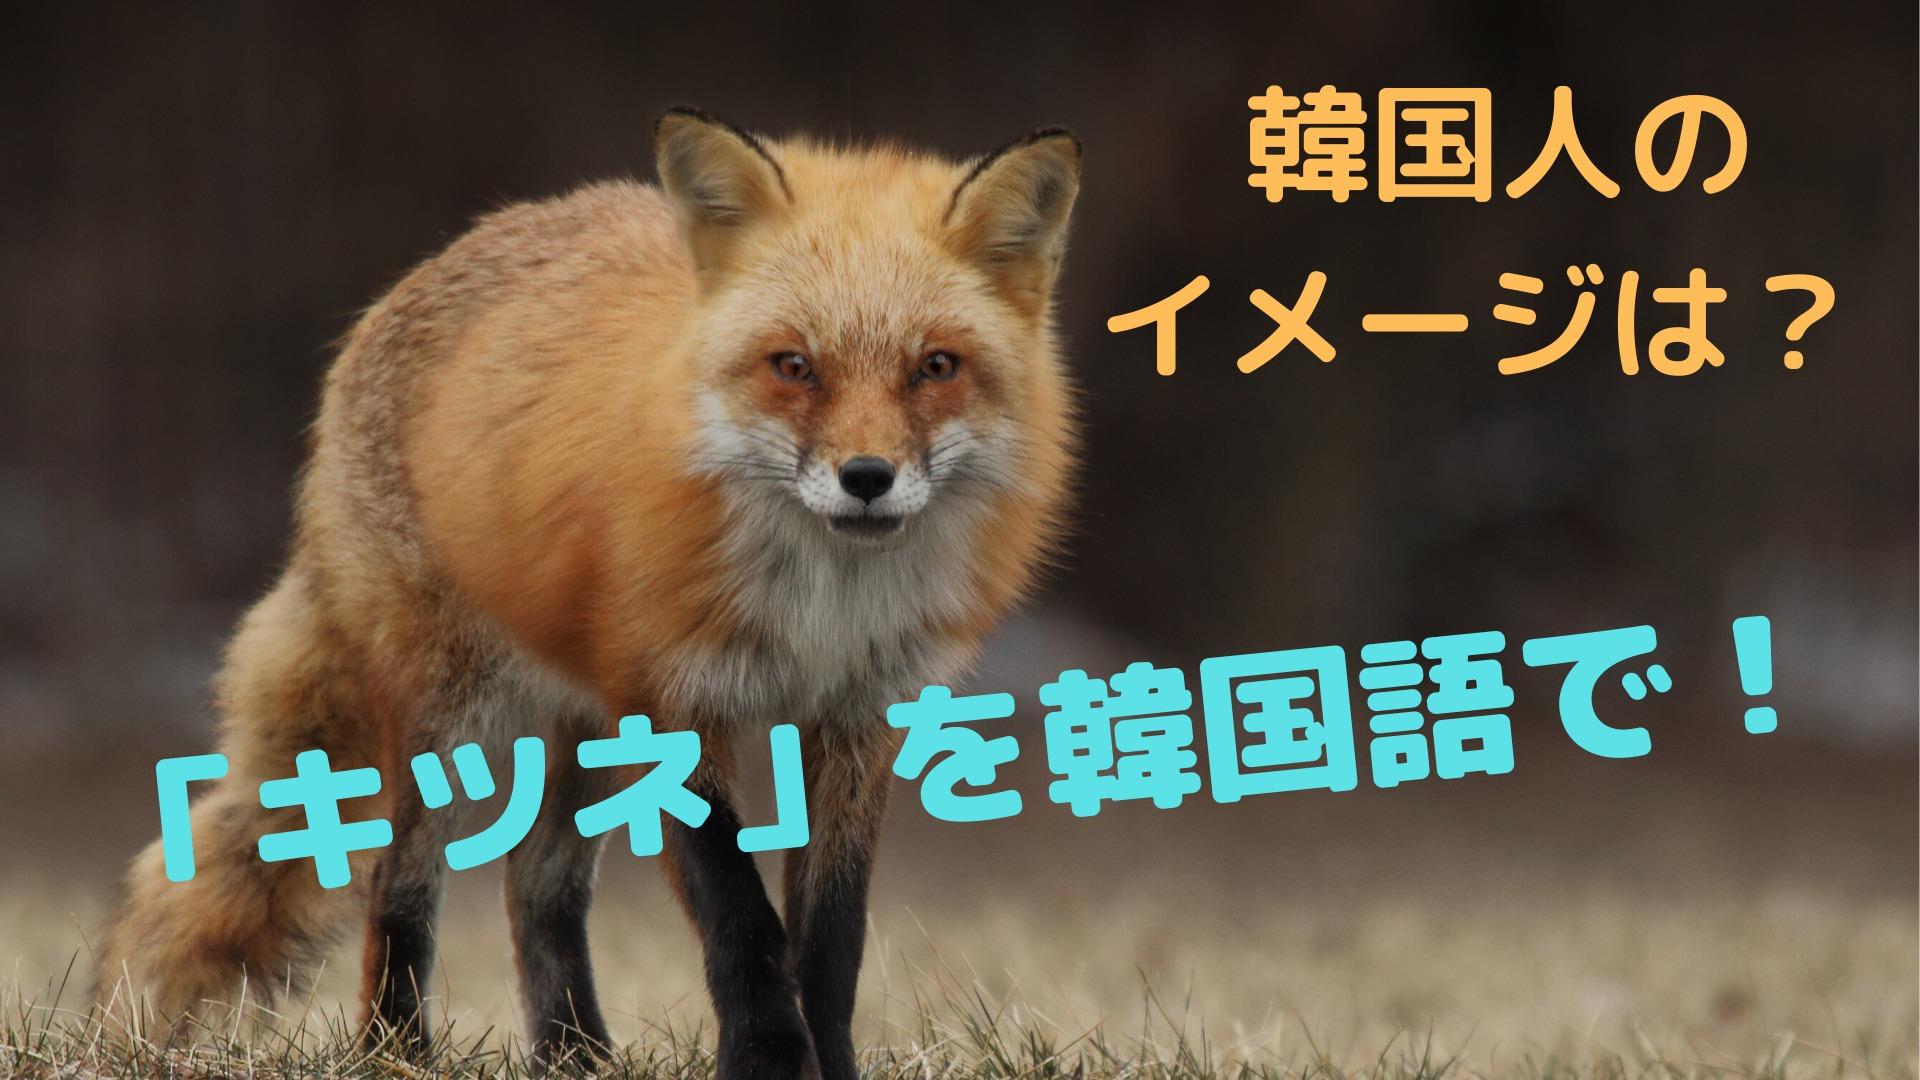 「キツネ」を韓国語で!【韓国人のキツネのイメージは?】